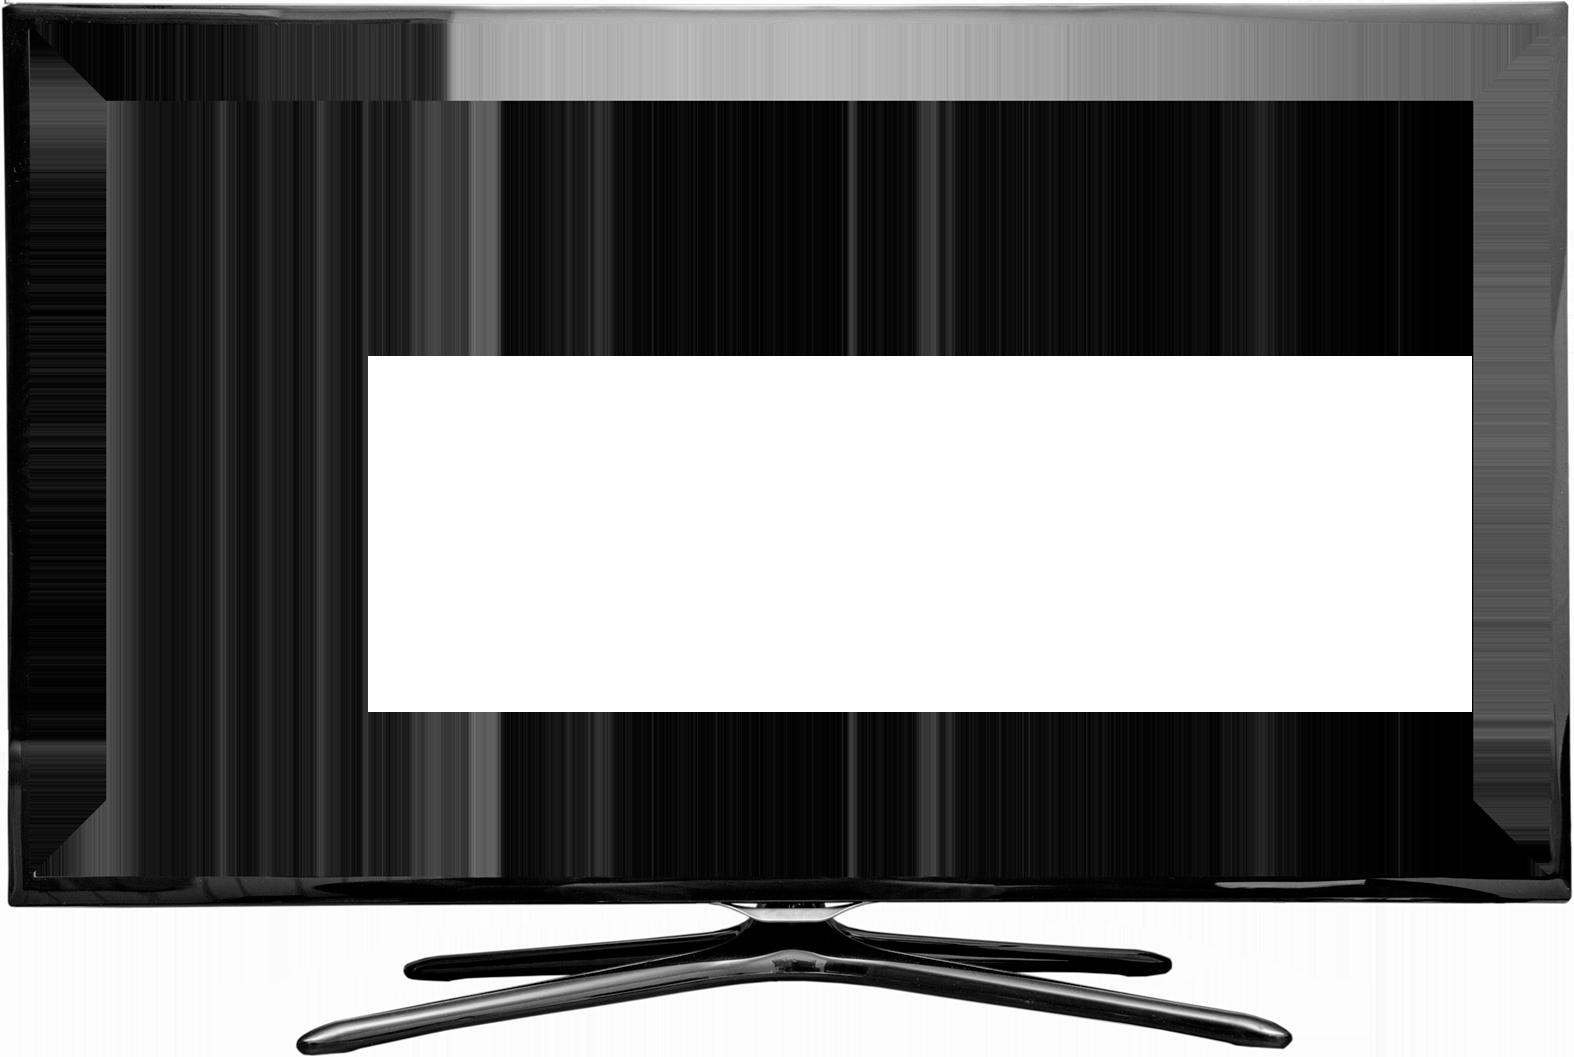 tv png images old tv free download. Black Bedroom Furniture Sets. Home Design Ideas